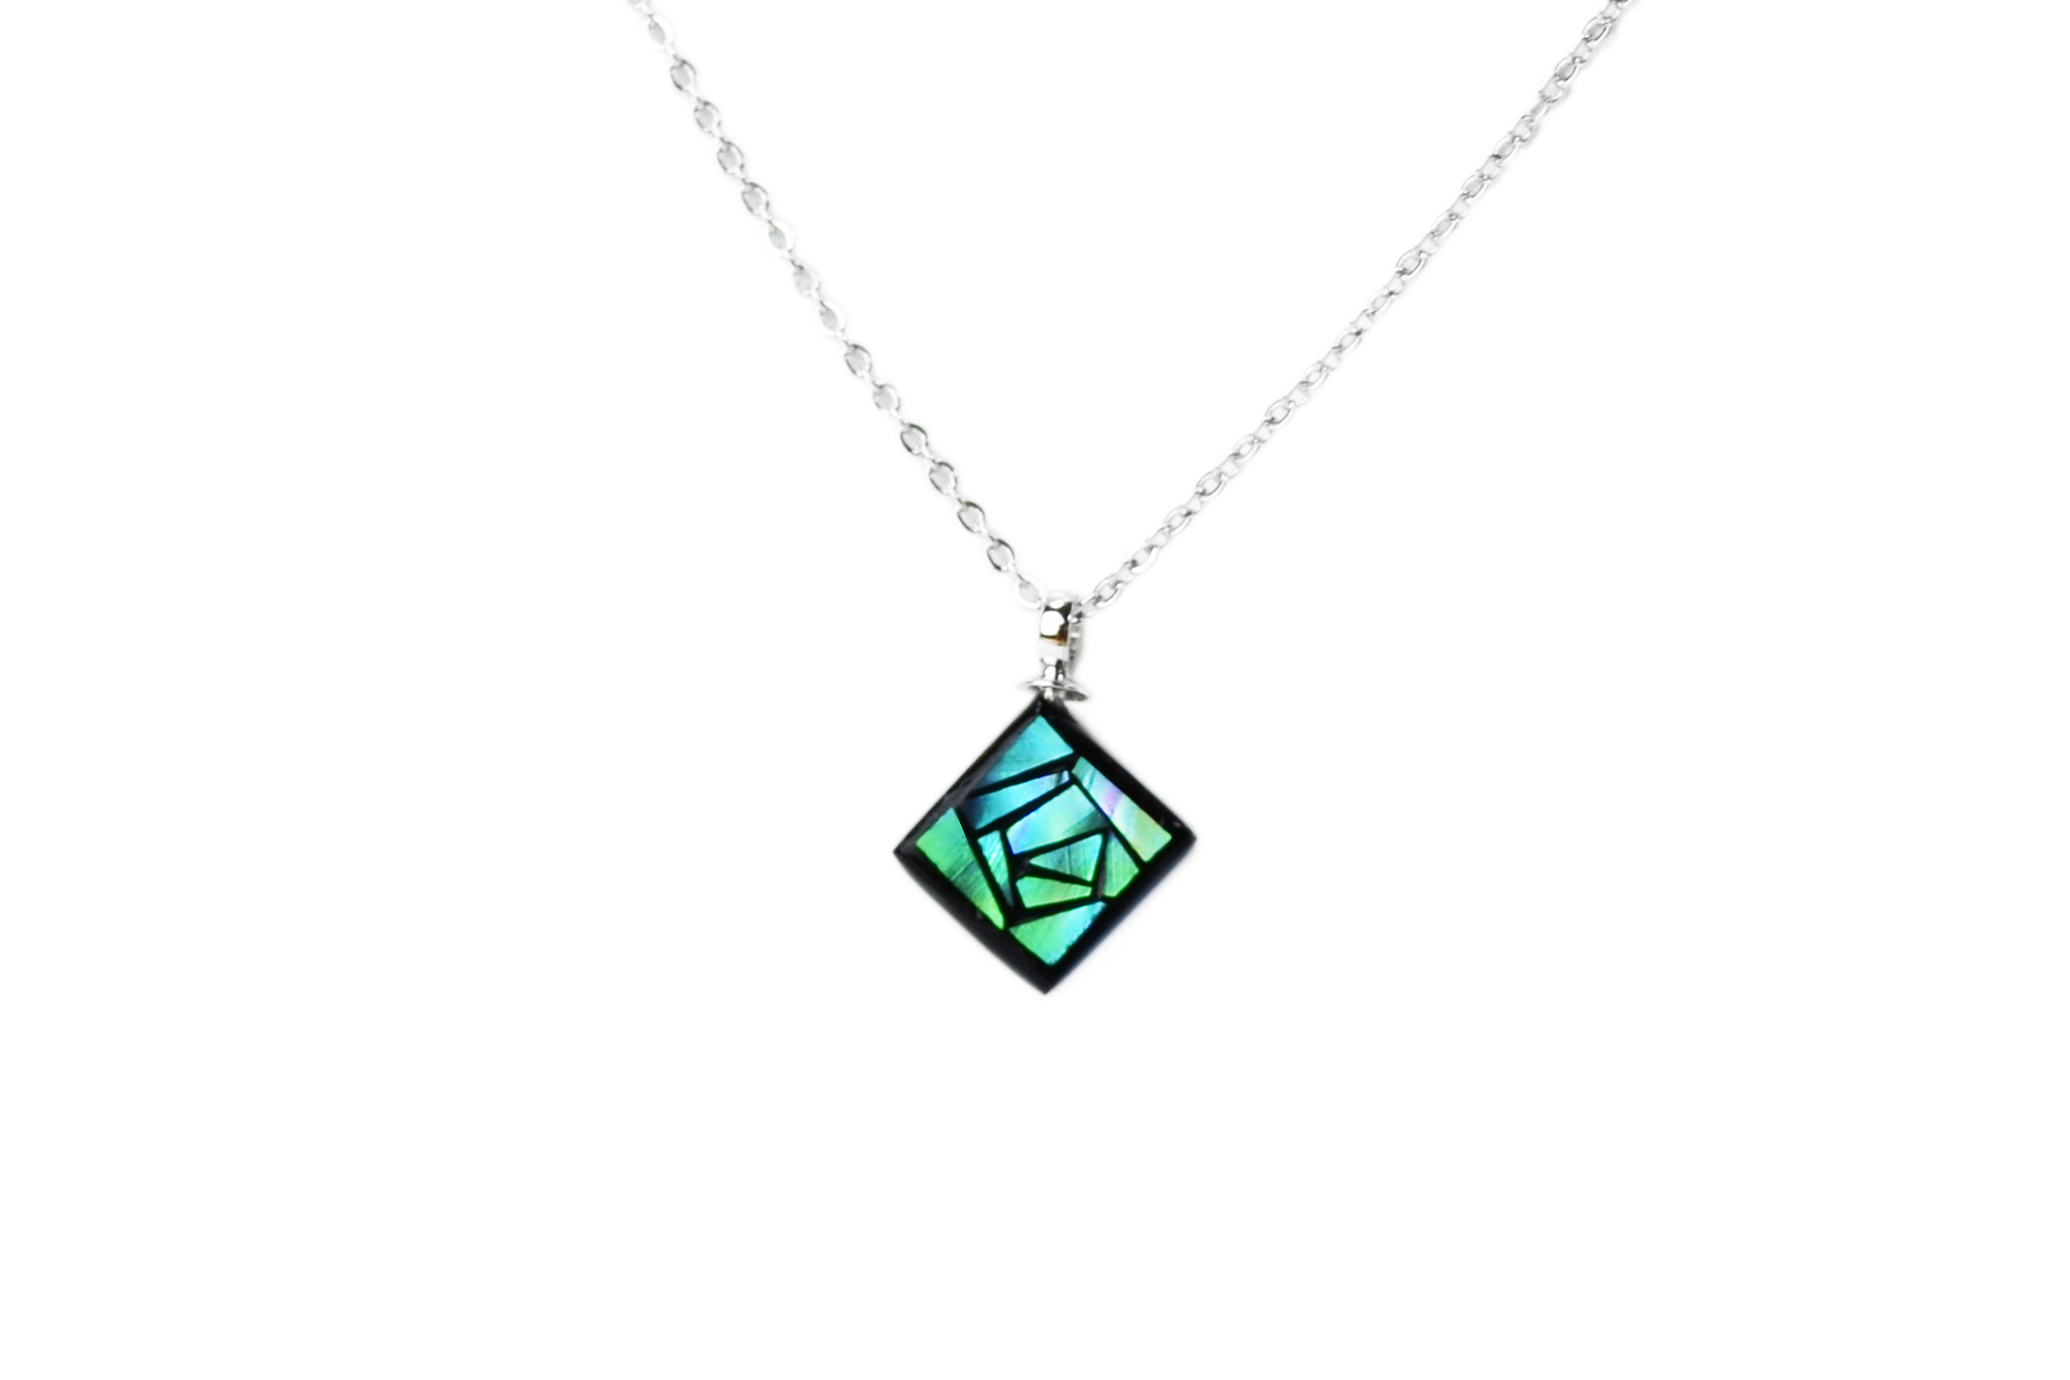 raden_necklace_rose_s_grn